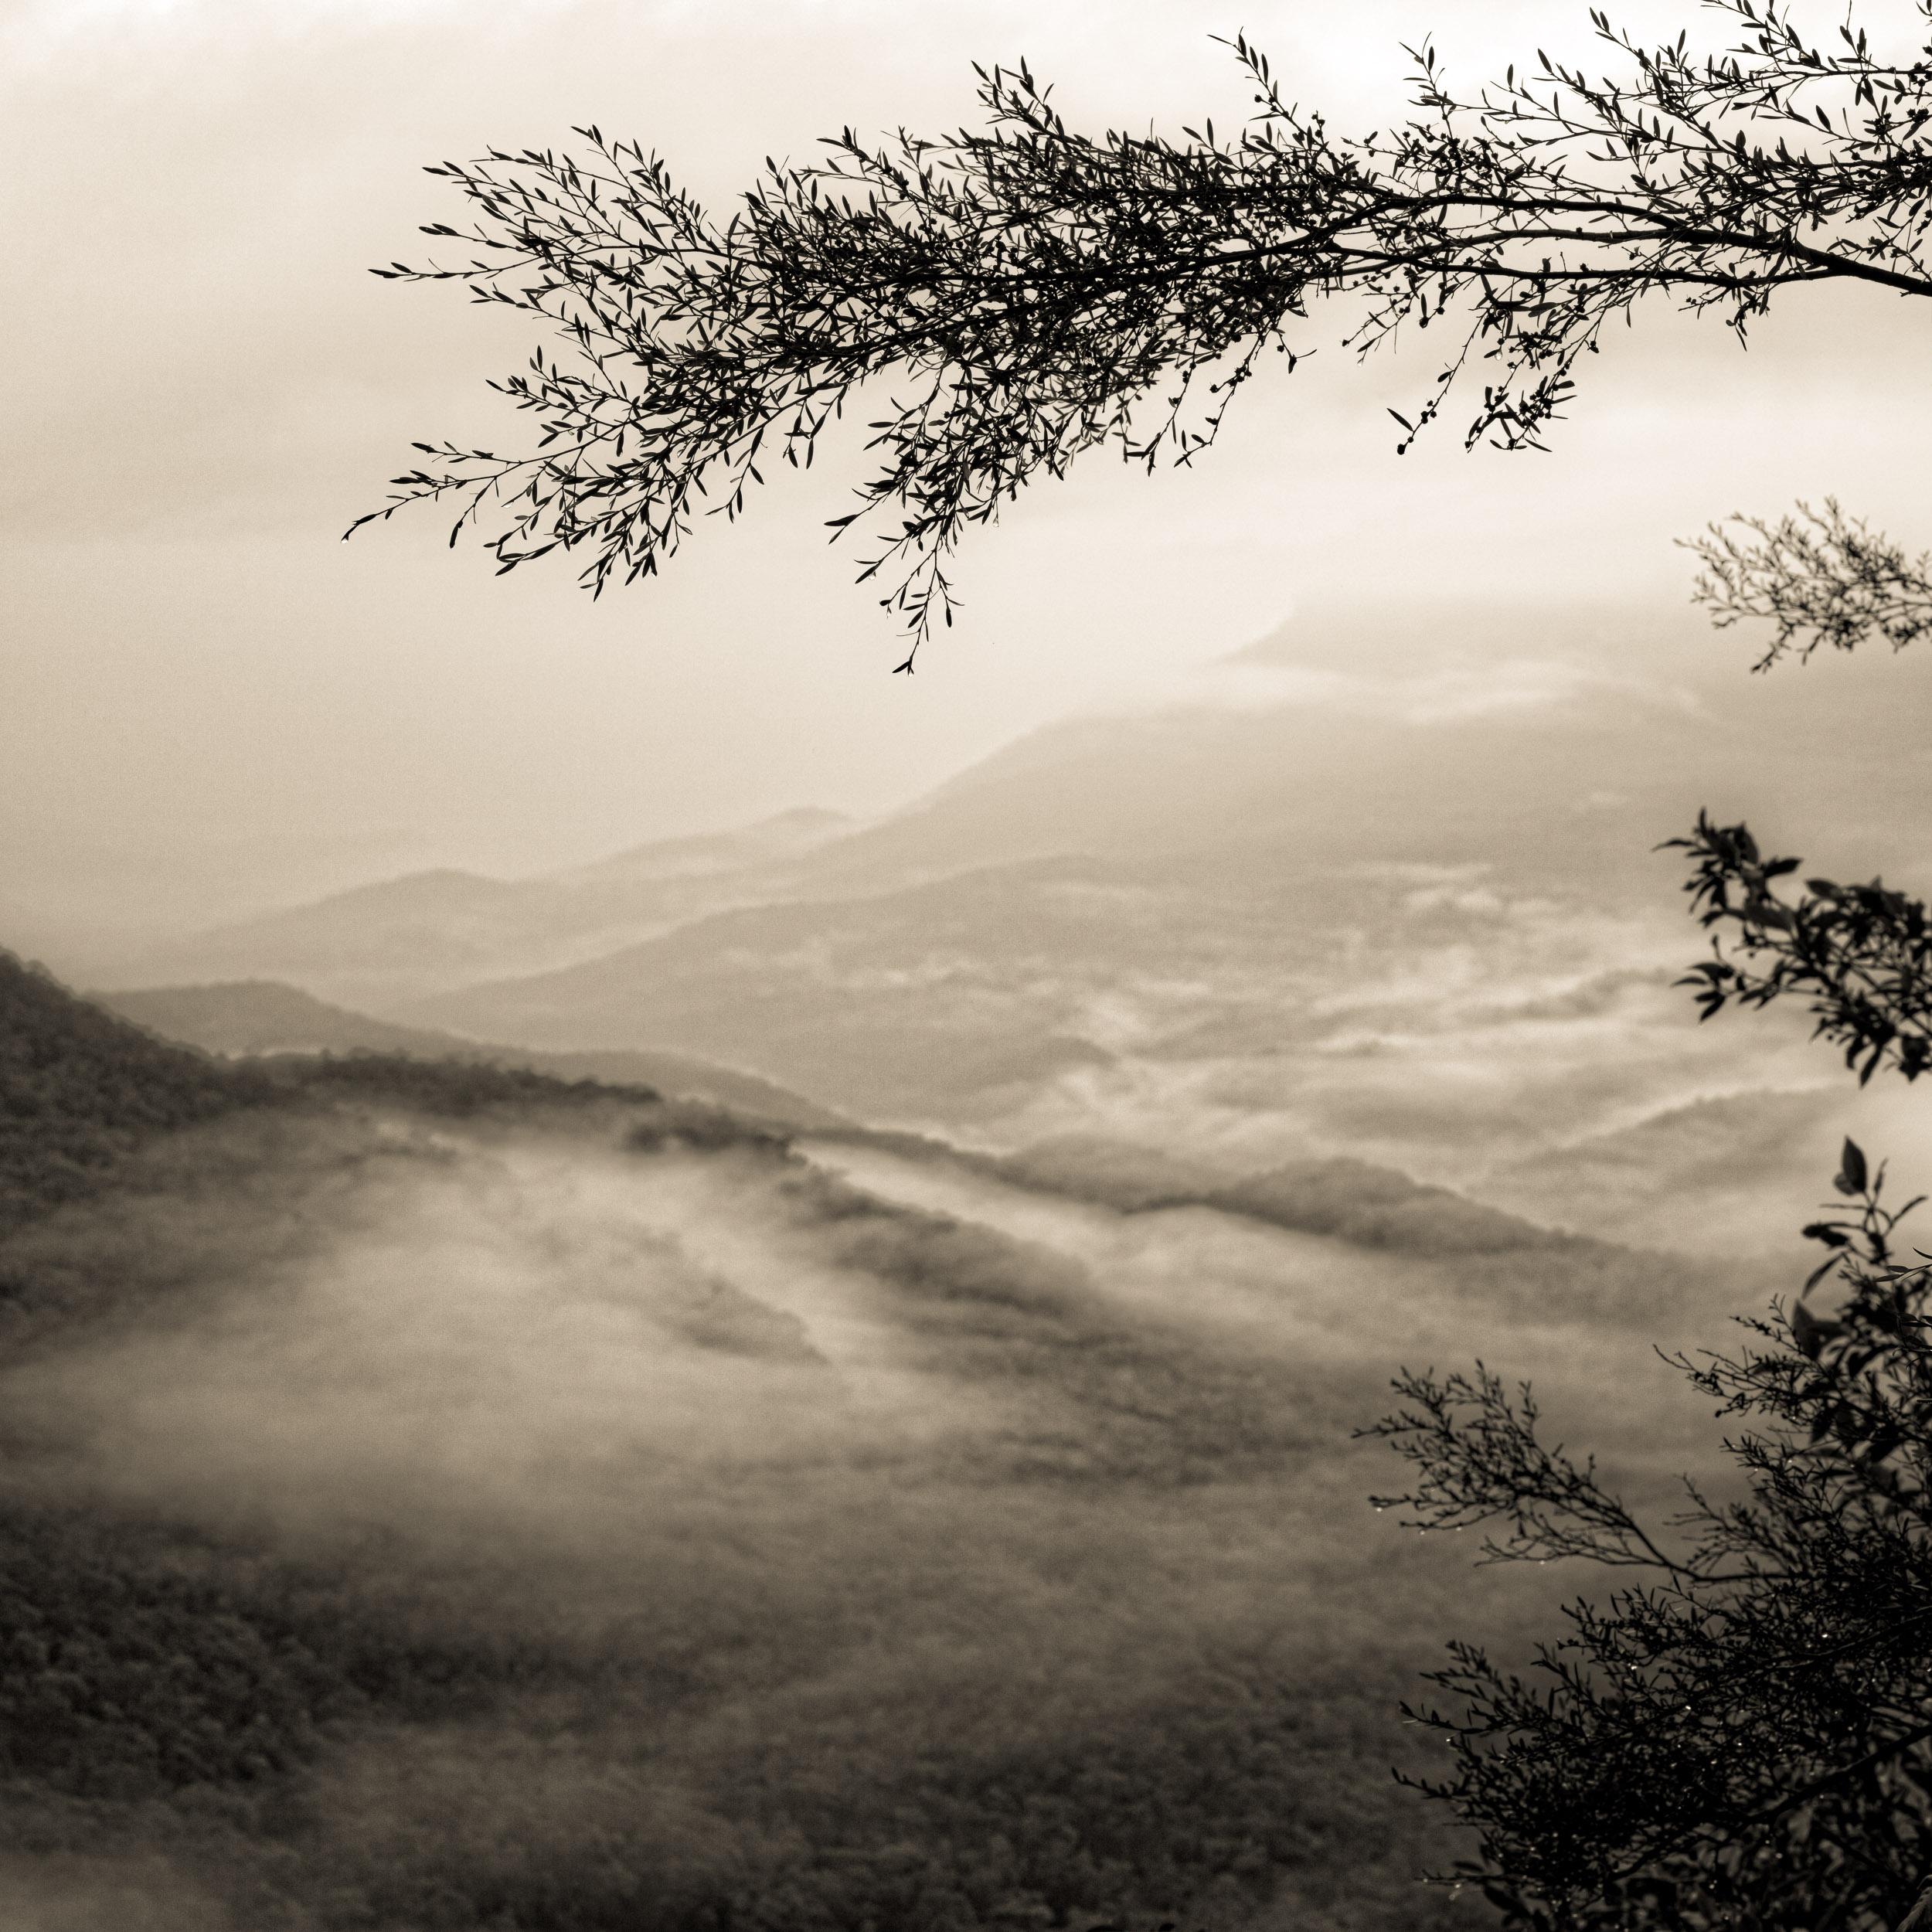 The Jamison Valley, Katoomba, The Blue Mountains, Australia Copyright © Len Metcalf 2016